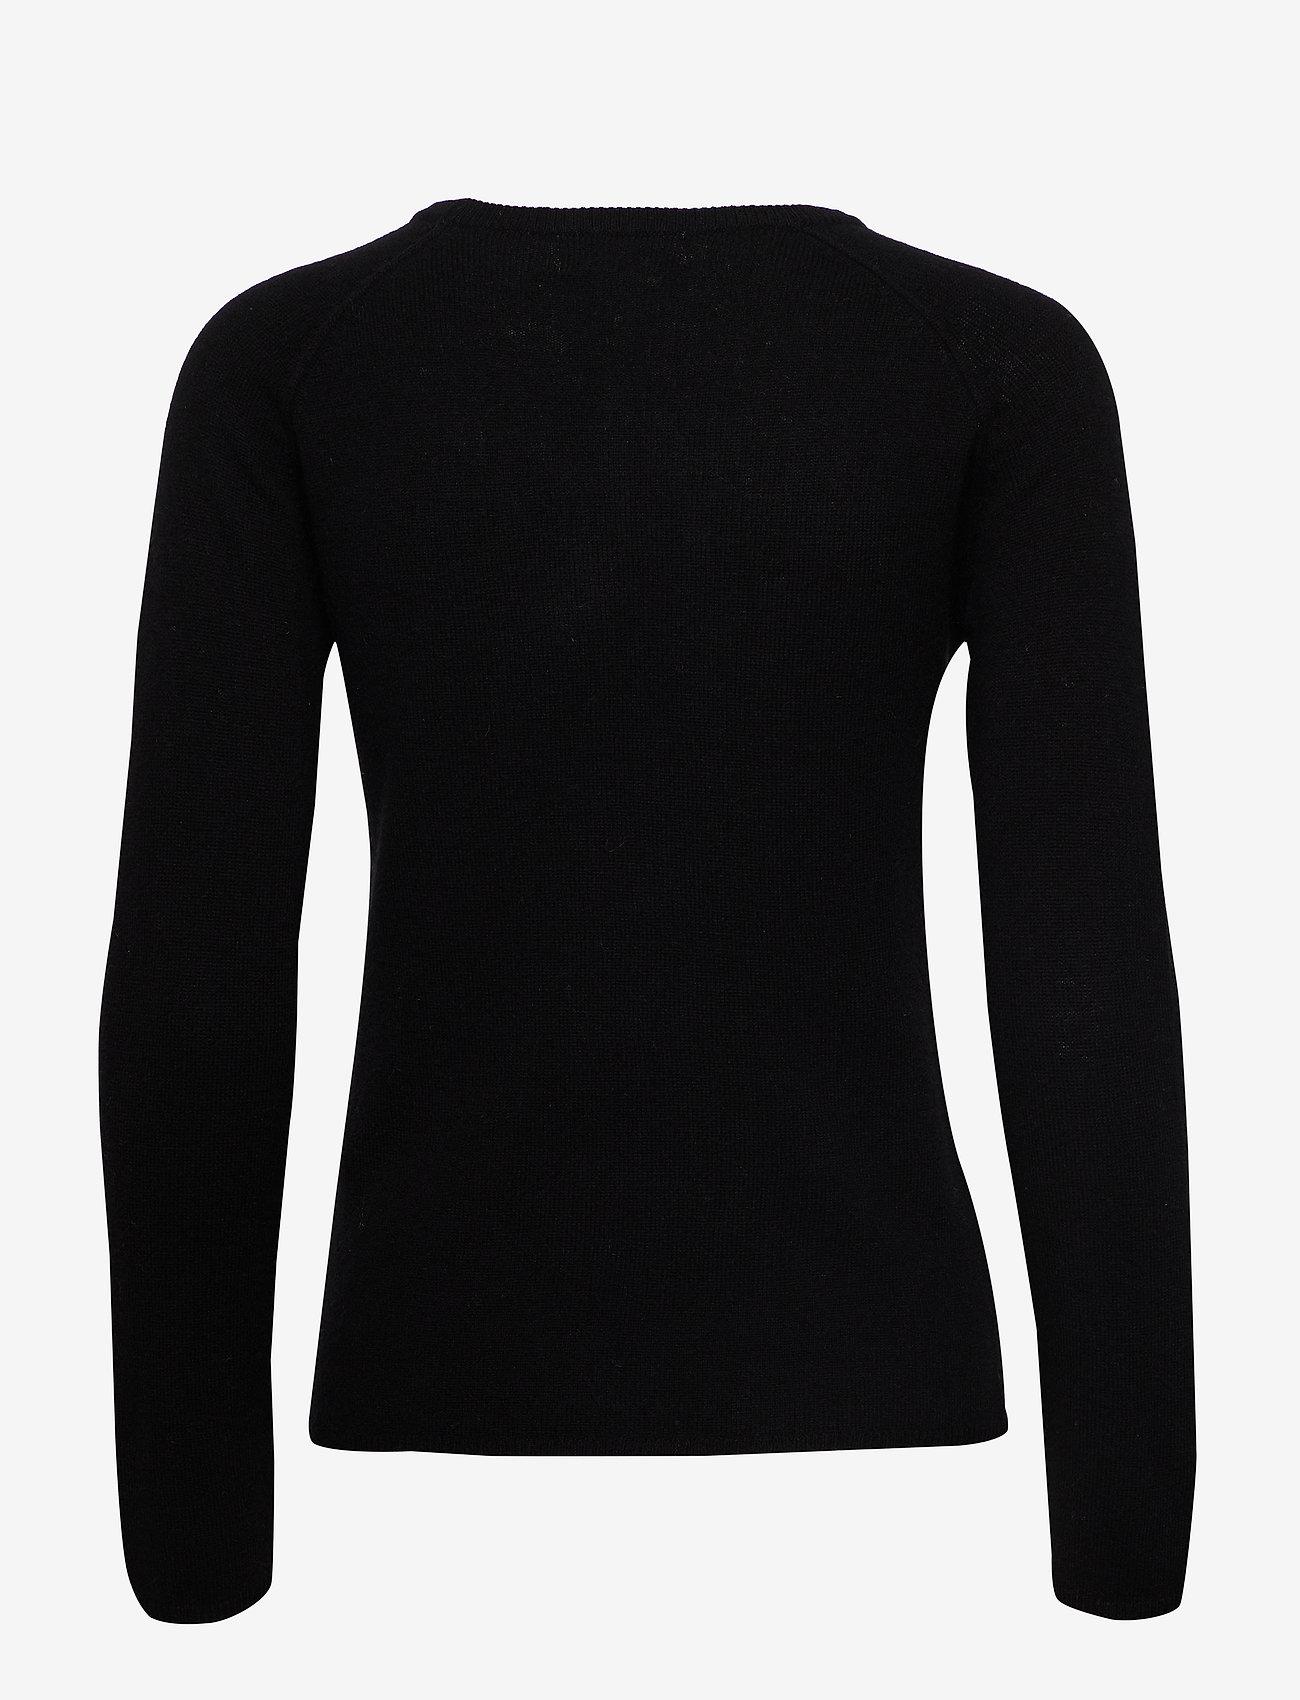 Rosemunde - Wool & cashmere pullover ls - kashmir - black - 1